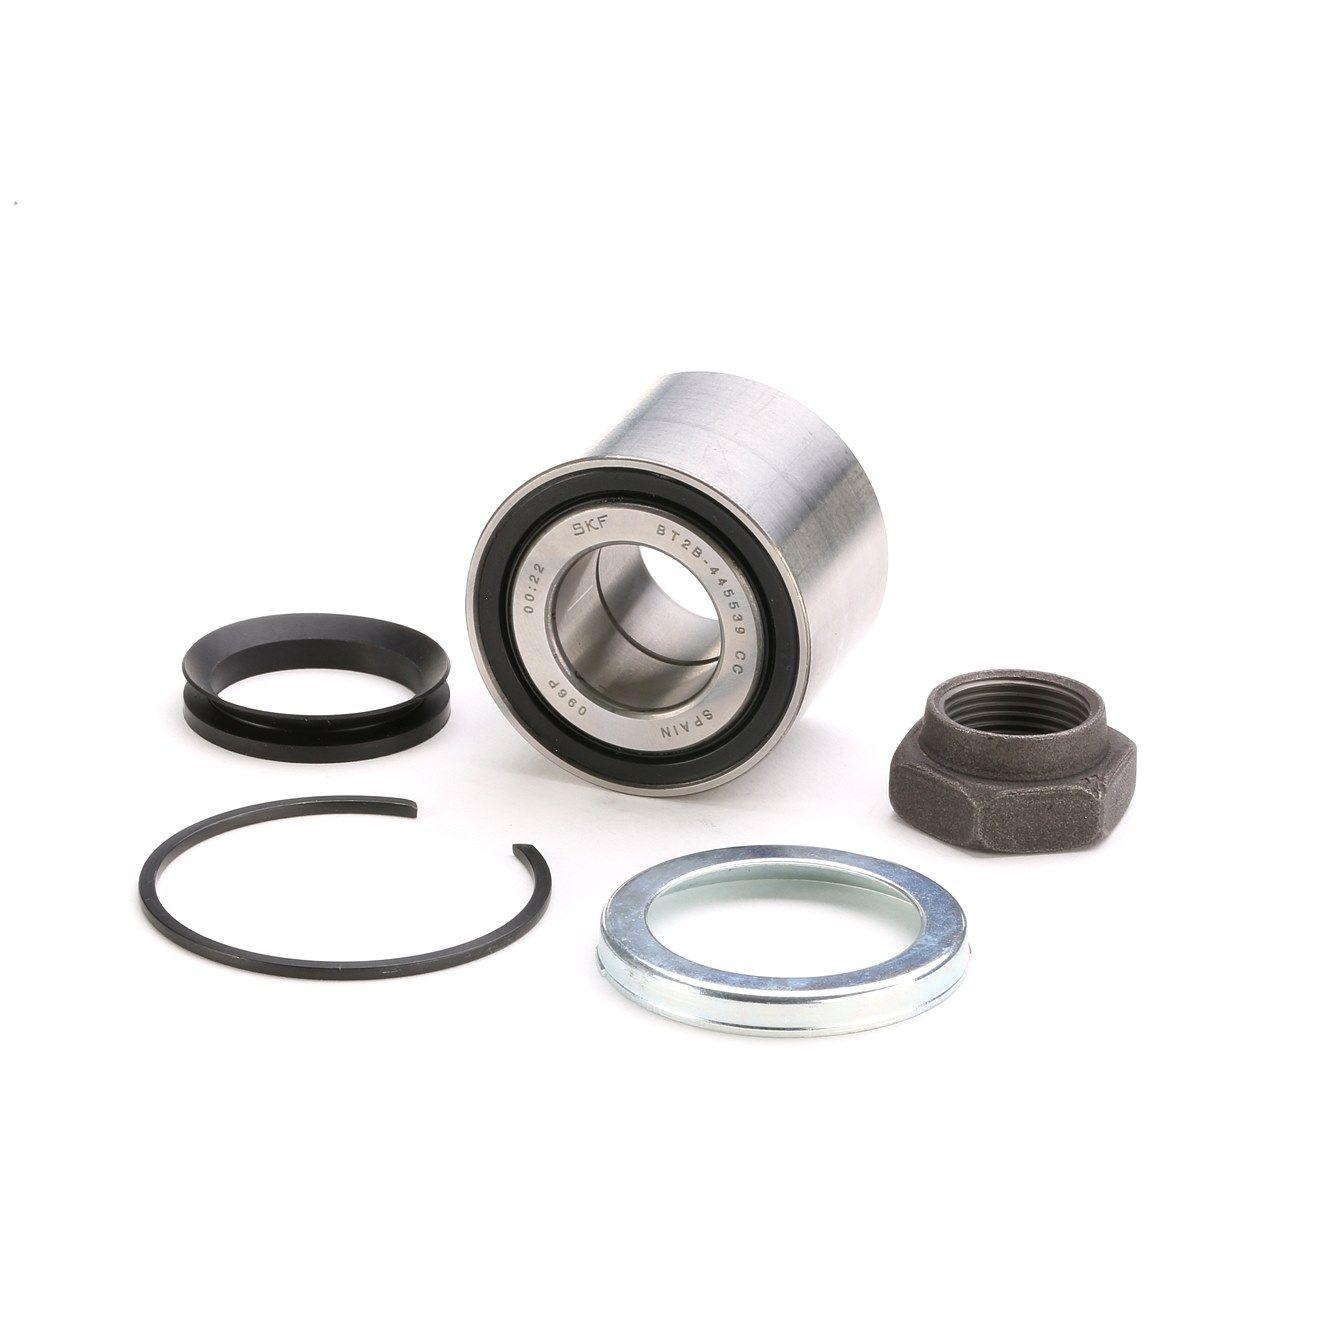 Pieces detachees Peugeot 106 Phase 2 2001 : Kit de roulement de roue SKF VKBA 3556 Ø: 52mm, Diamètre intérieur: 25mm — profitez des offres tout de suite!